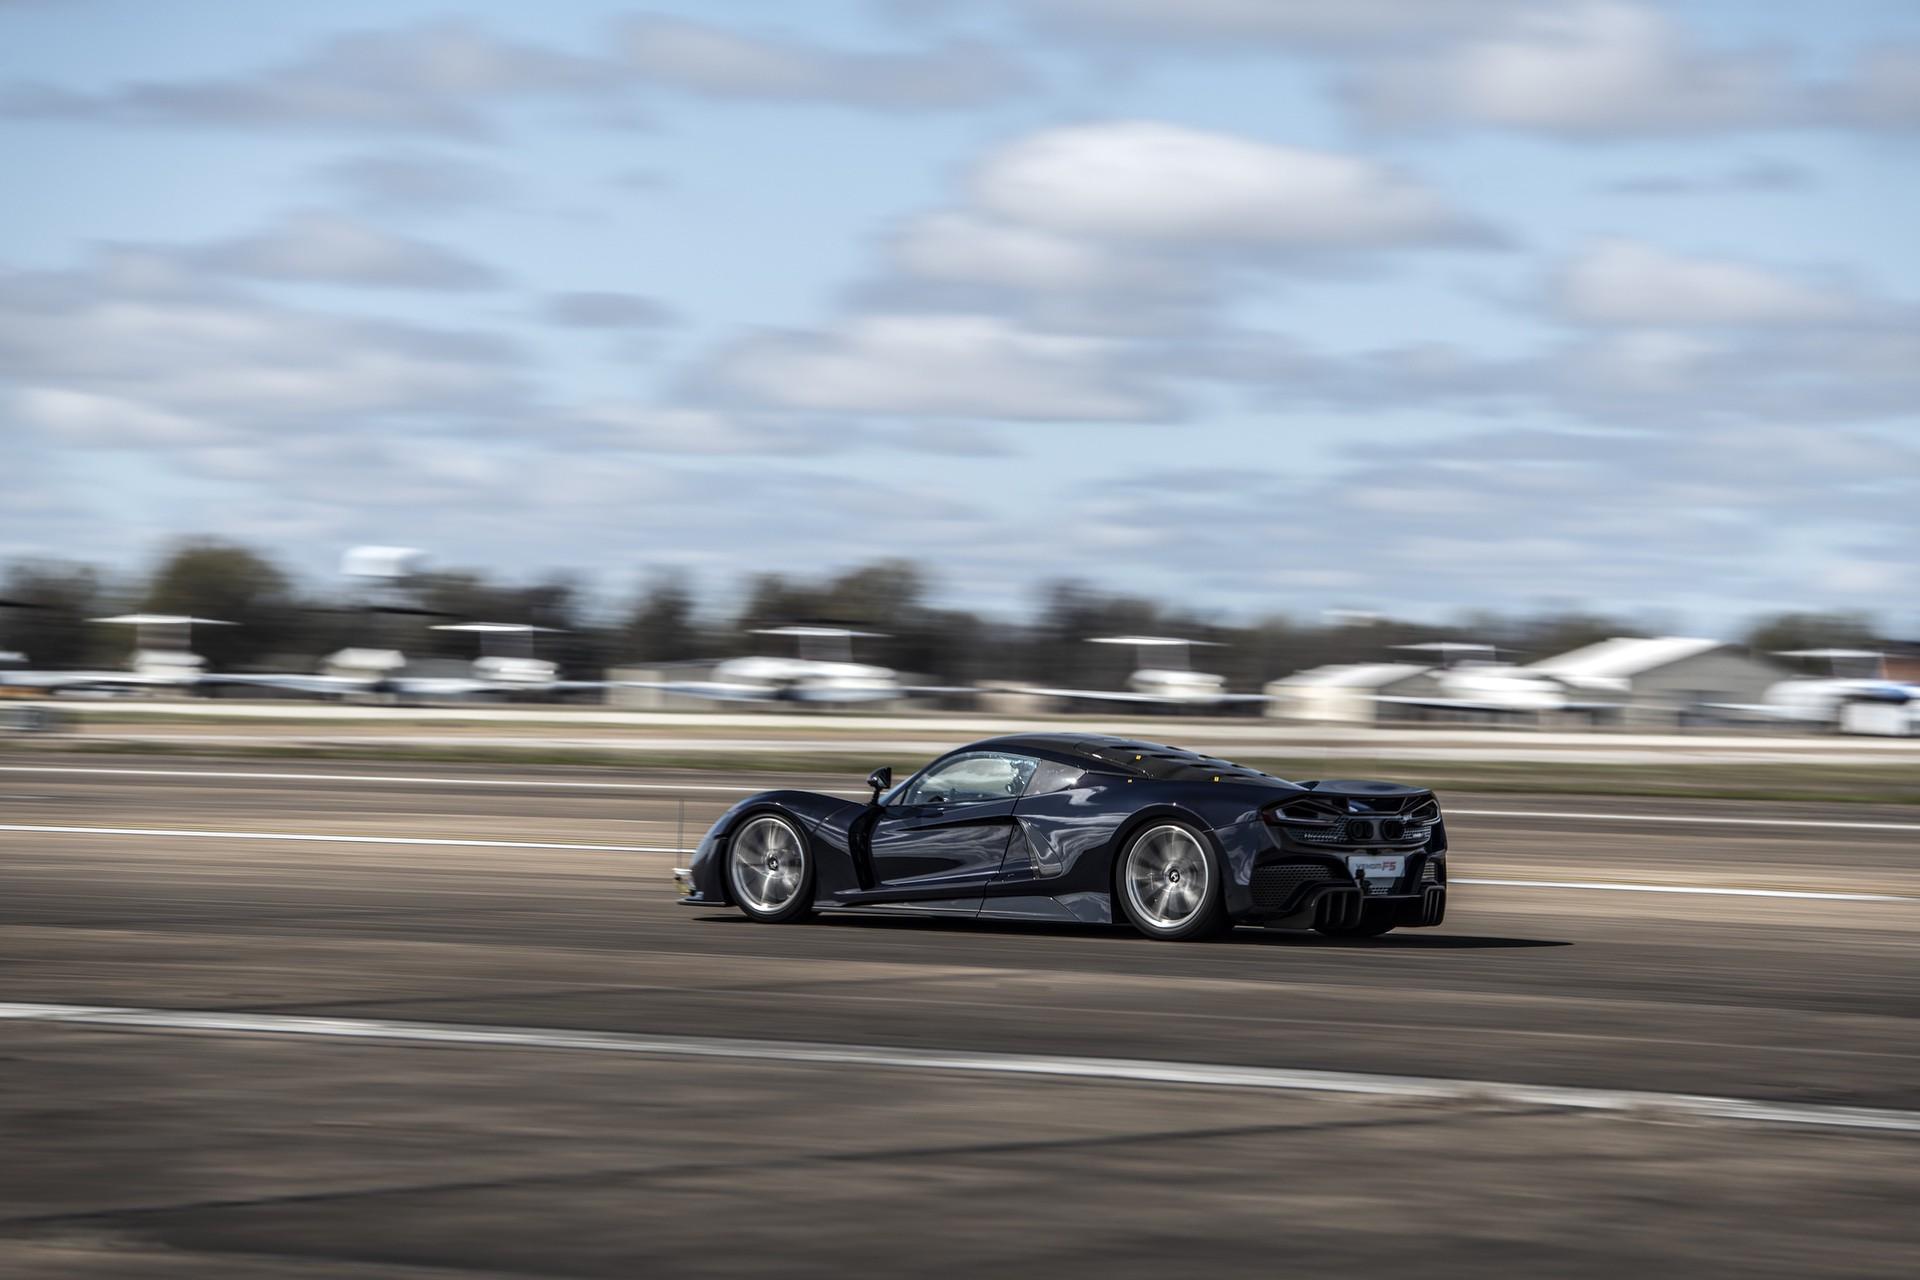 venom-f5-aerodynamic-testing-3